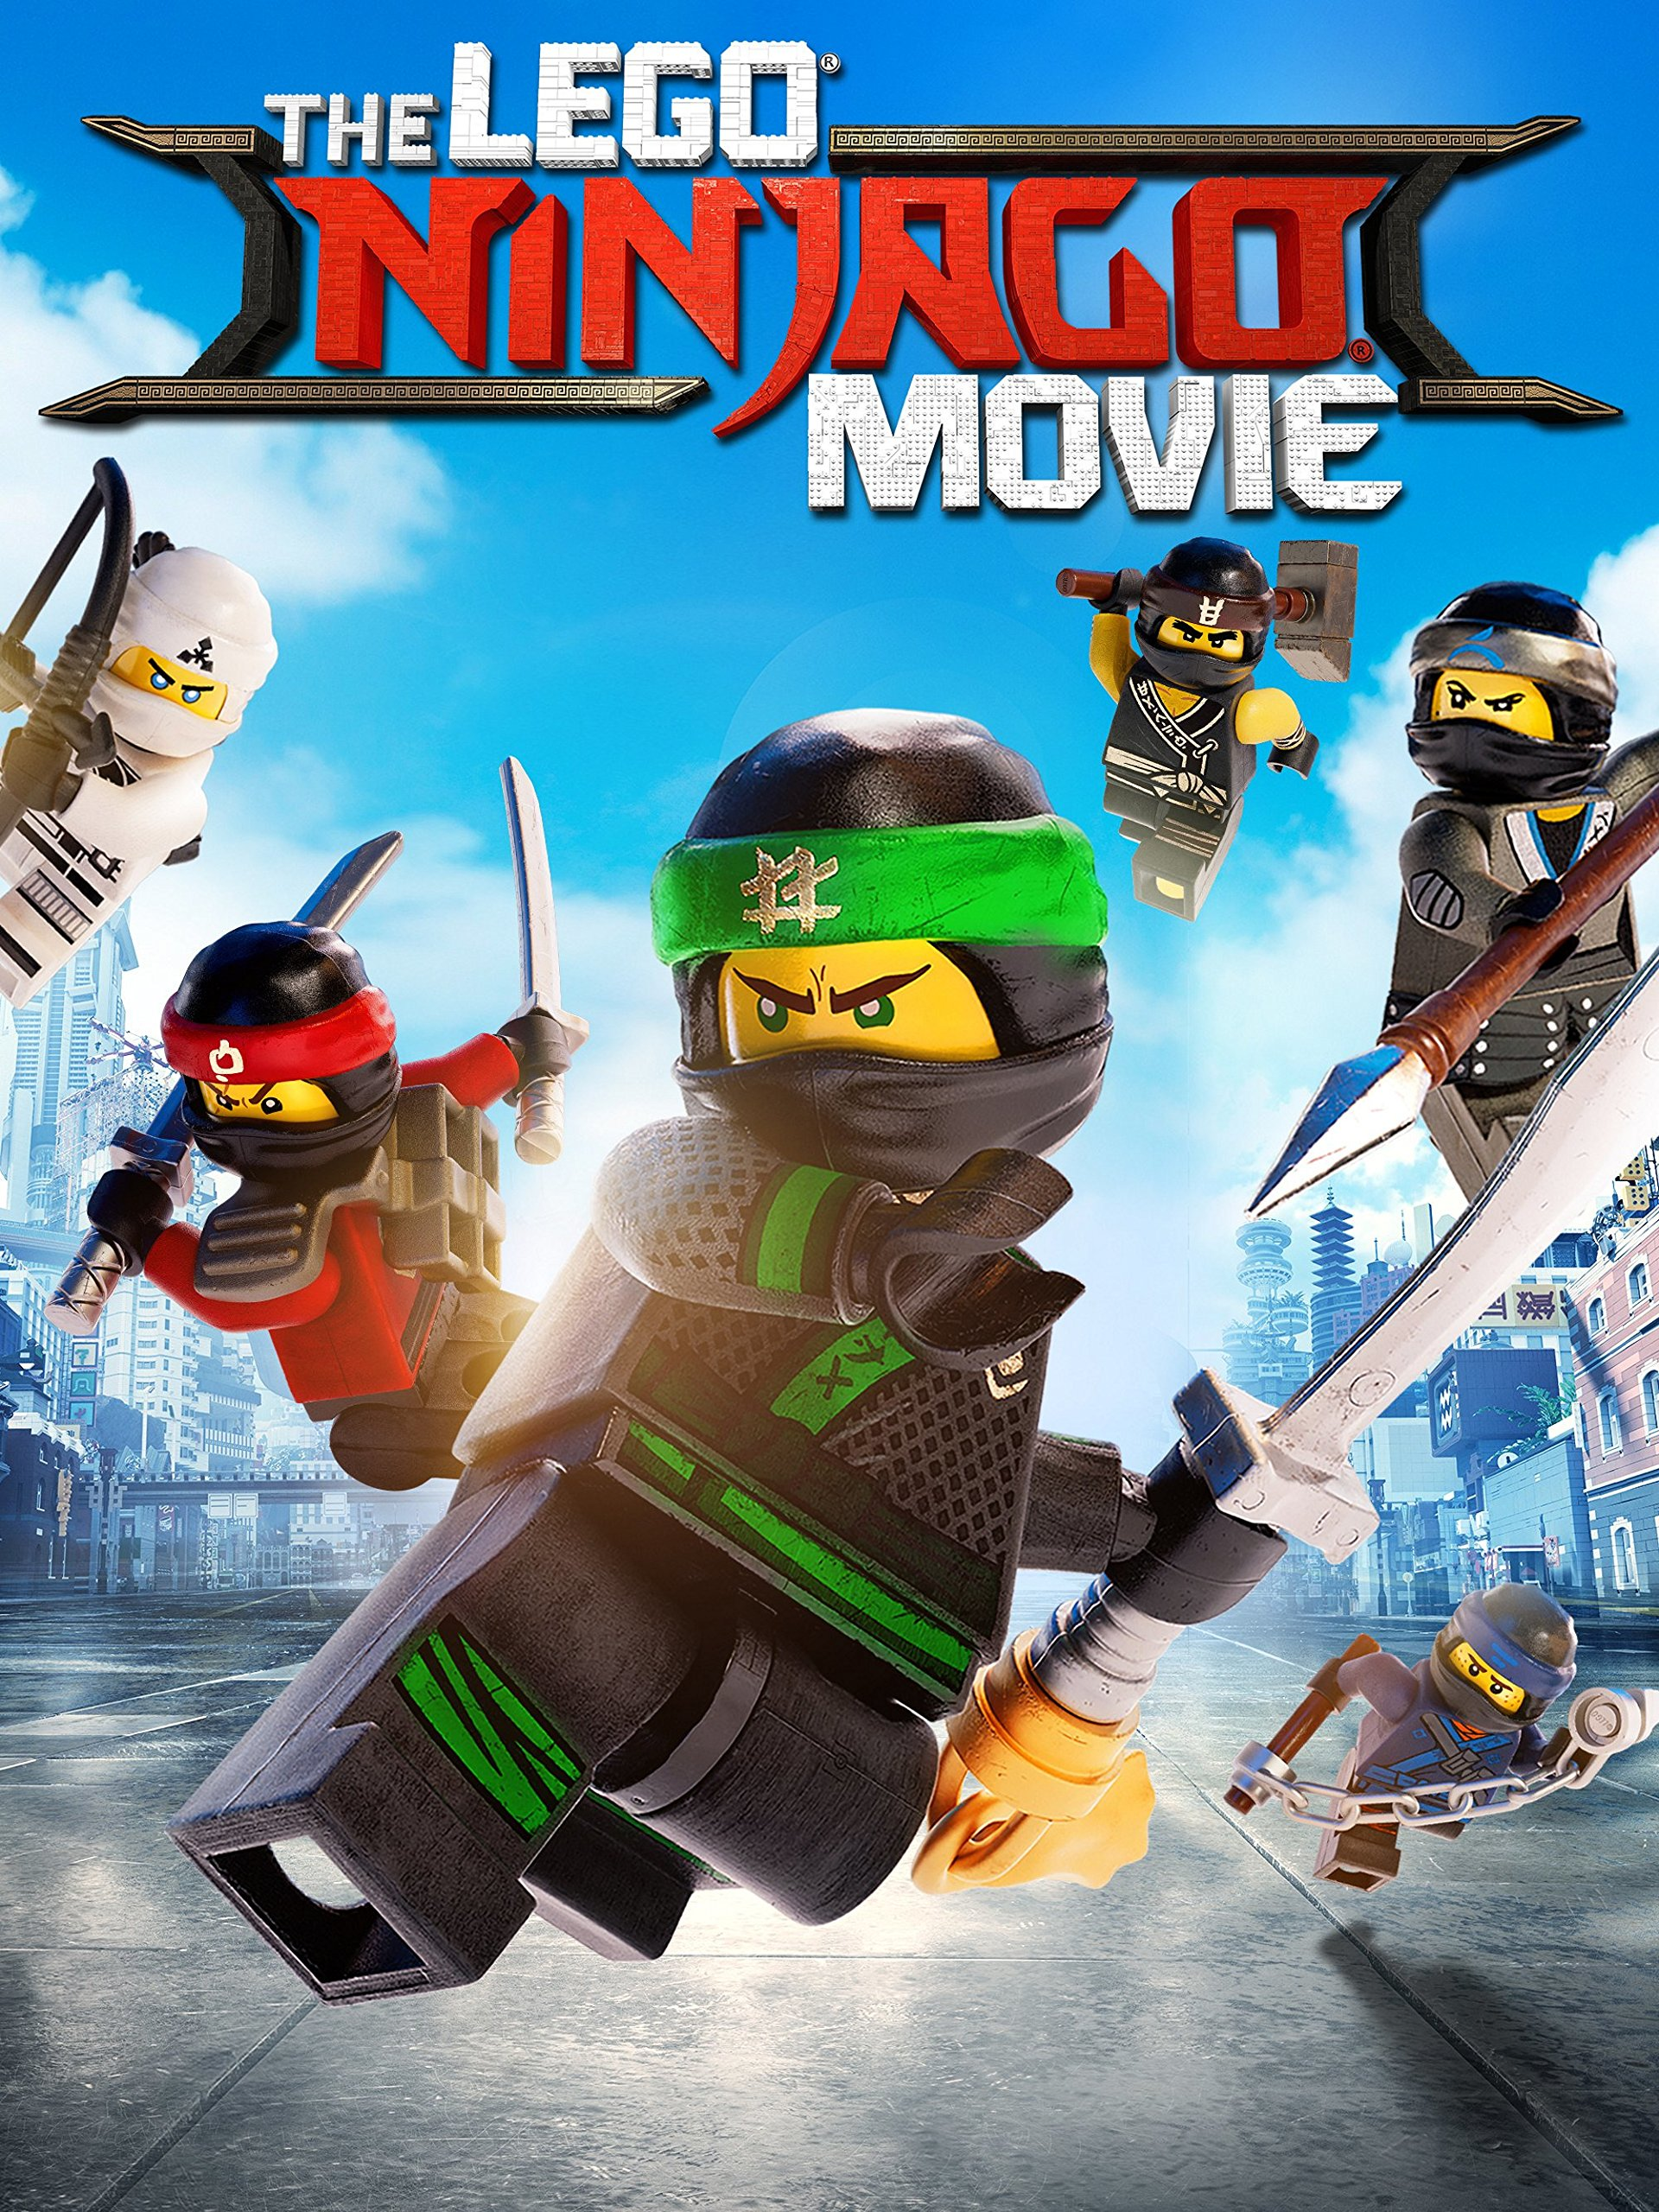 Amazon.com: The LEGO NINJAGO Movie: Jackie Chan, Justin ...